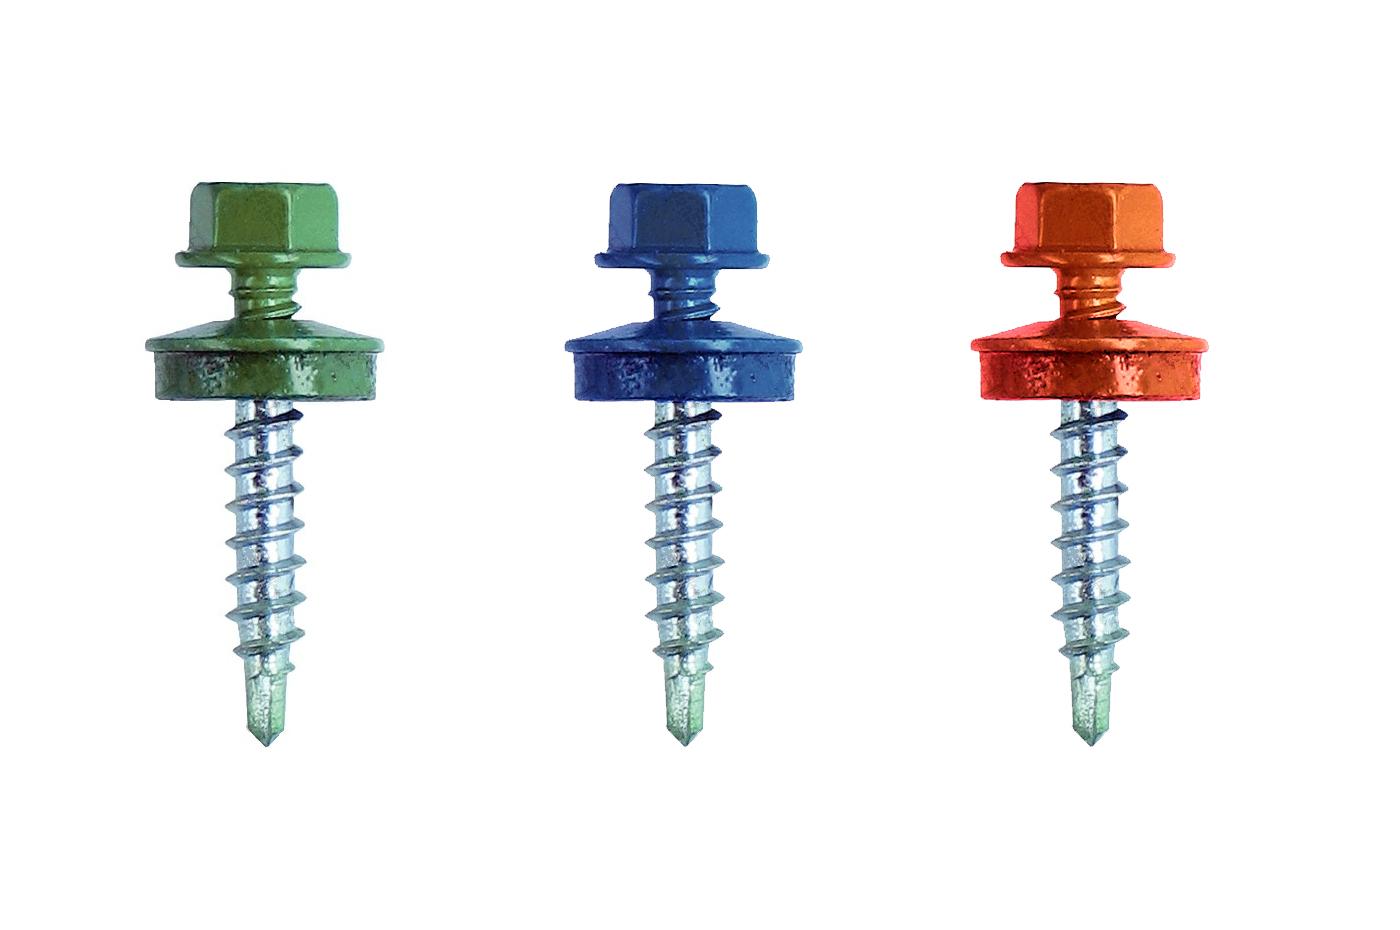 Саморезы для кровли 4.8x70 (5005) ярко-синий